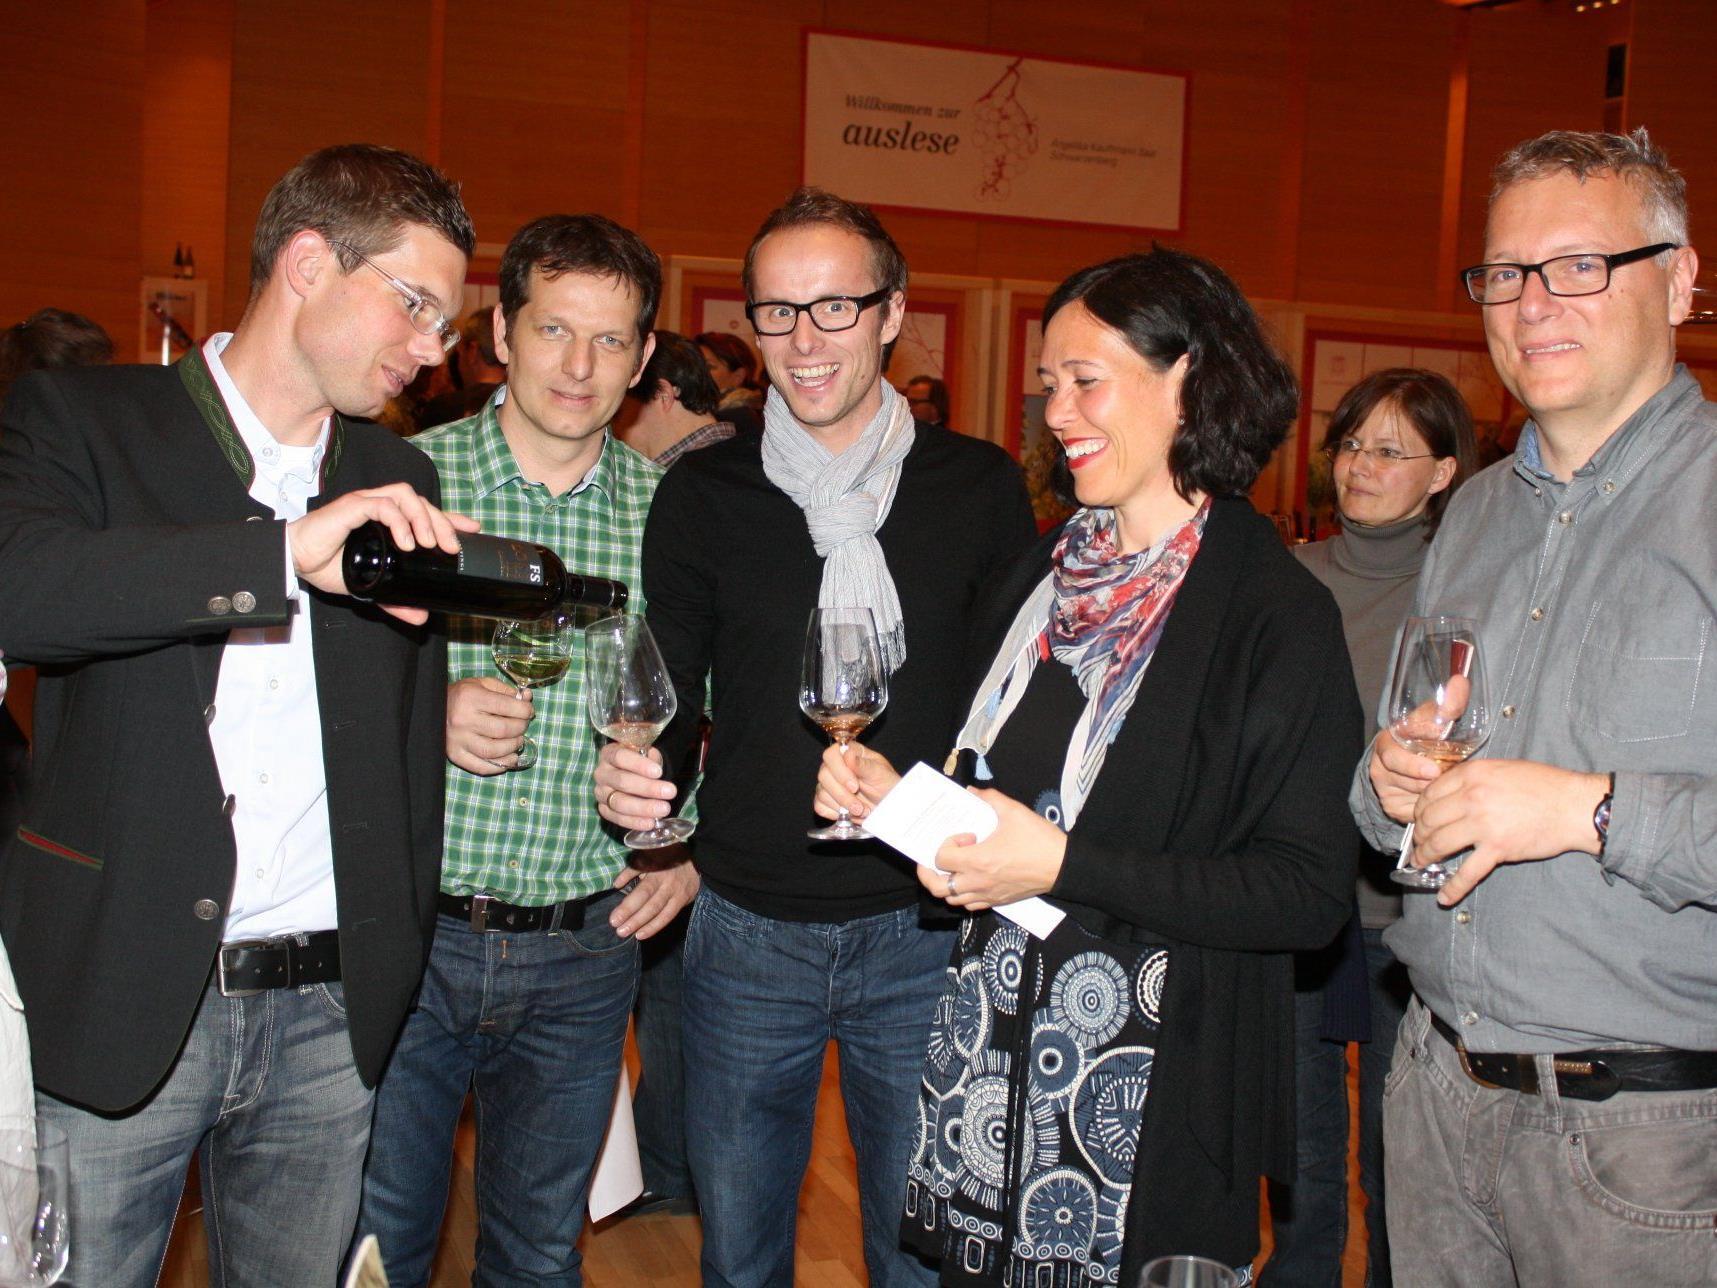 Veranstalter Martin Fink (2.v.l.) bringt 19 ausgewählte Winzer in den Bregenzerwald.